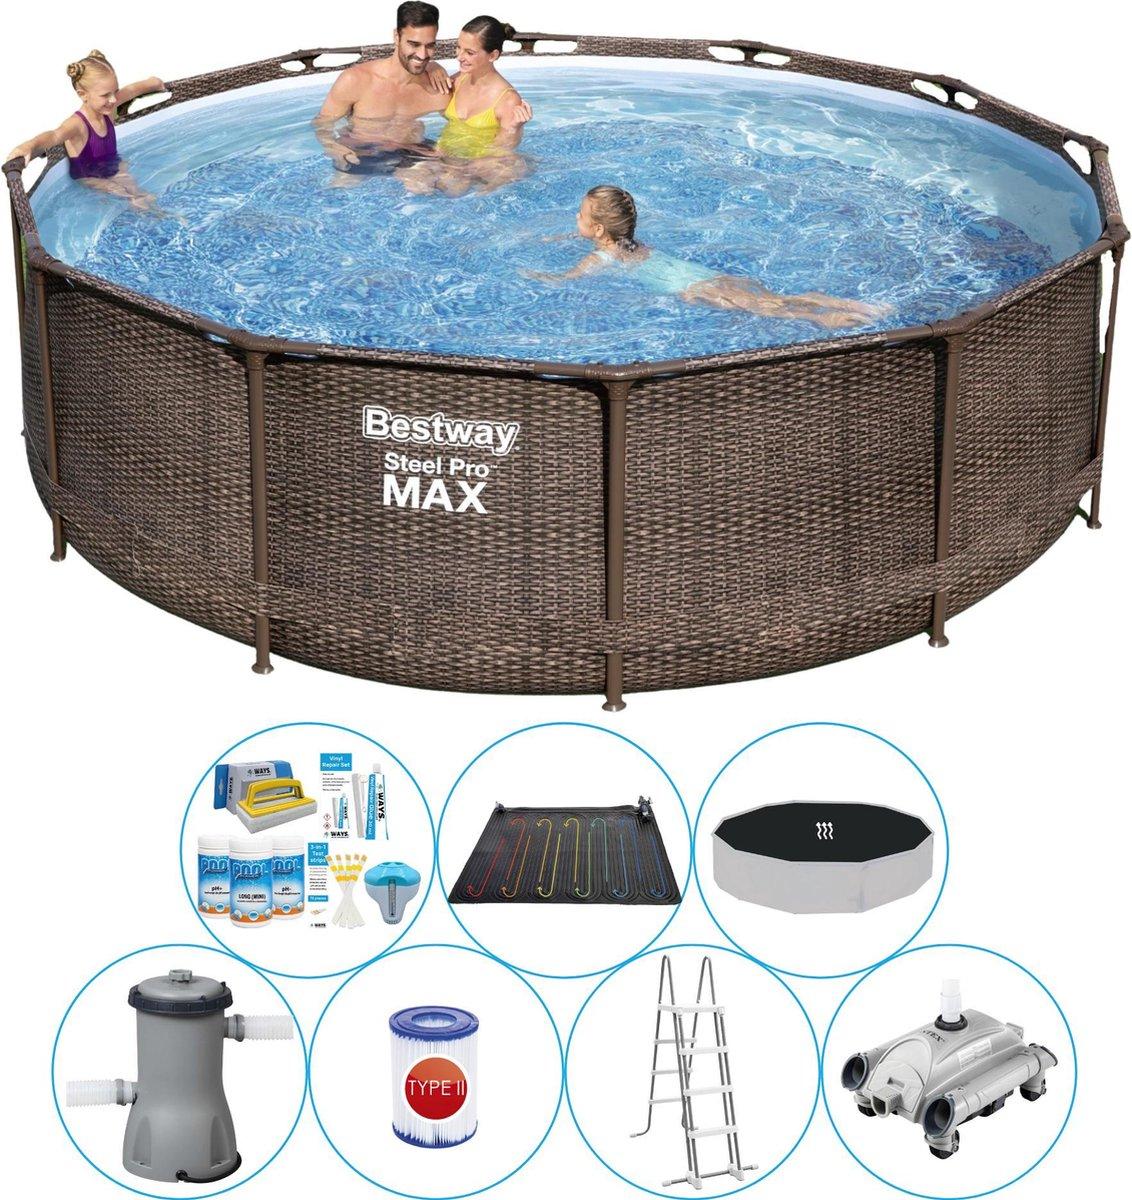 Zwembad Inclusief Accessoires - Bestway Steel Pro MAX Rattan 366x100 cm